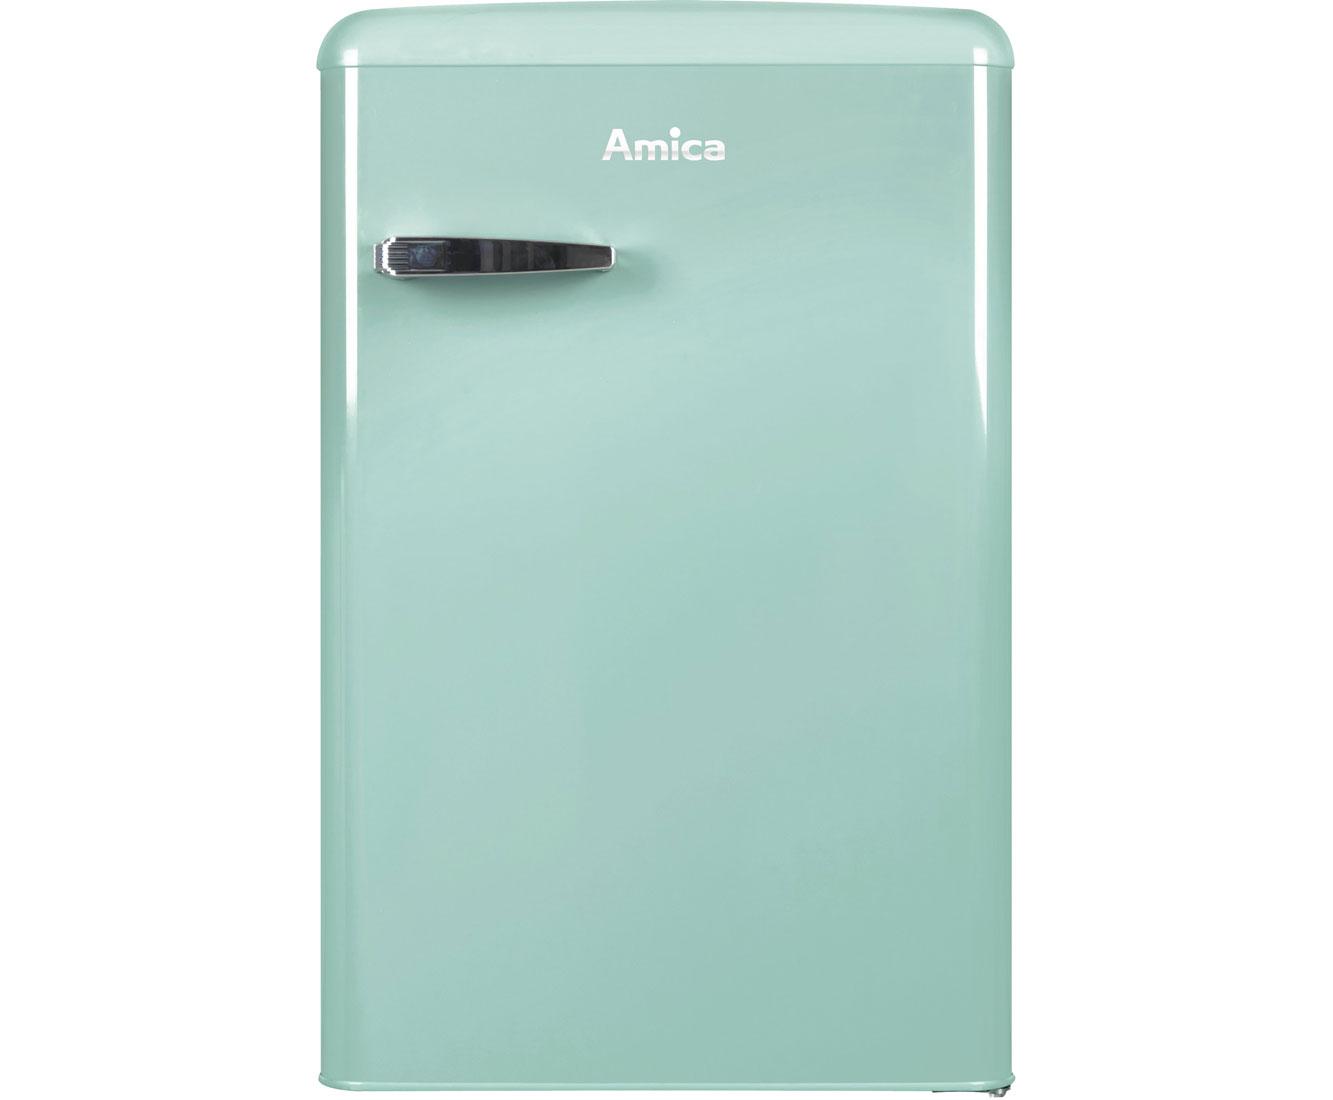 Amica Kühlschrank Mit Gefrierfach Retro : Amica vks m kühlschrank mint retro design a